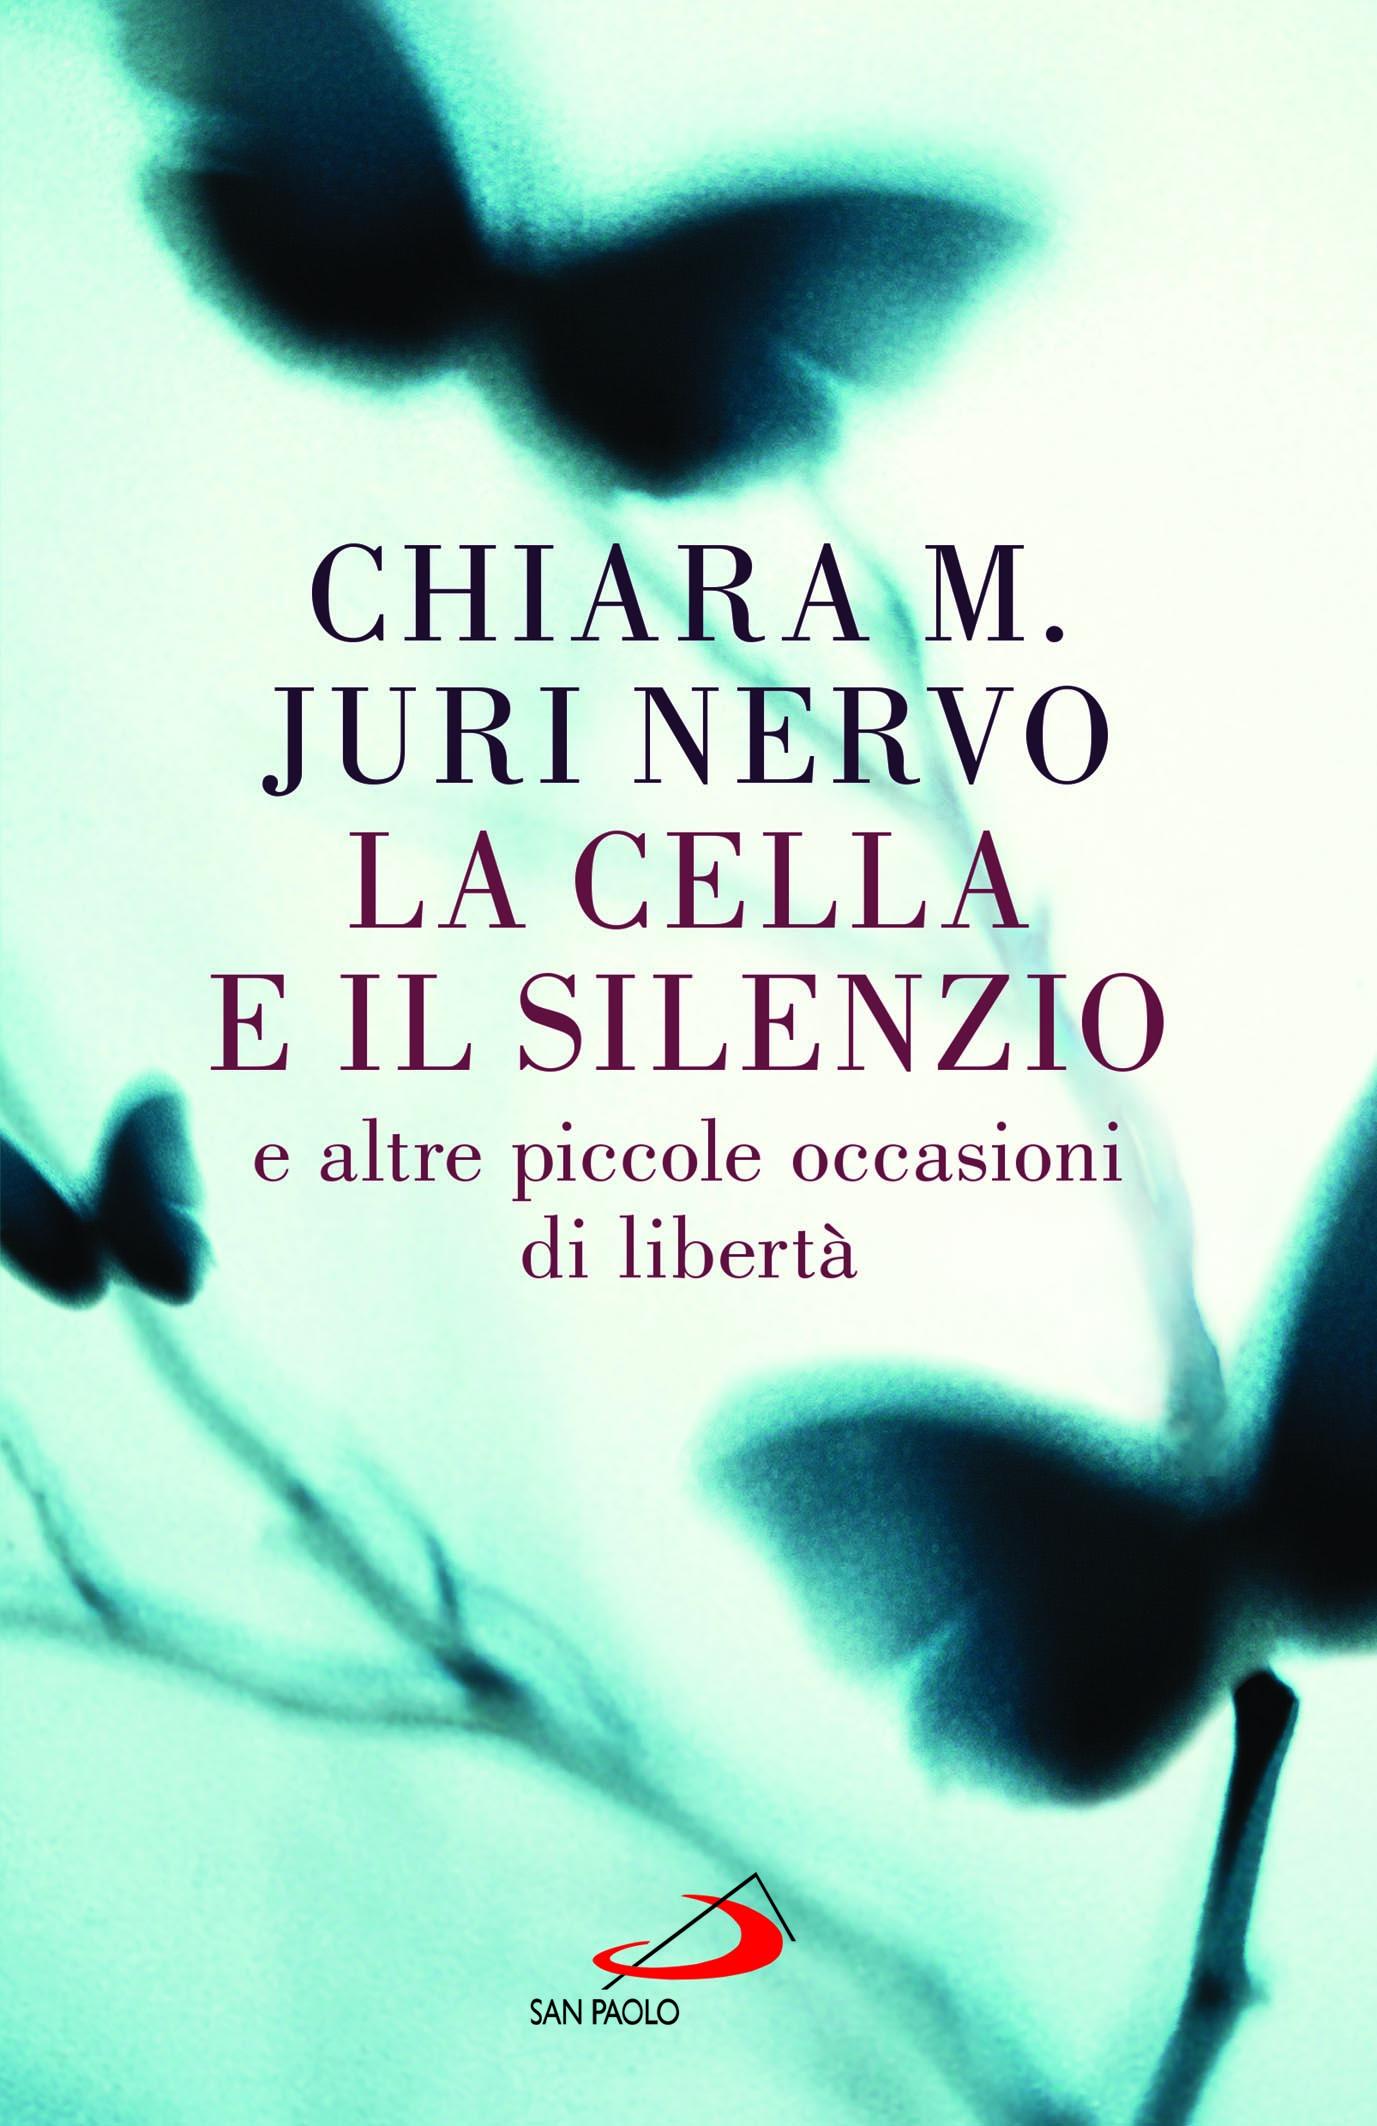 La cella e il silenzio e altre piccole occasioni di libertà